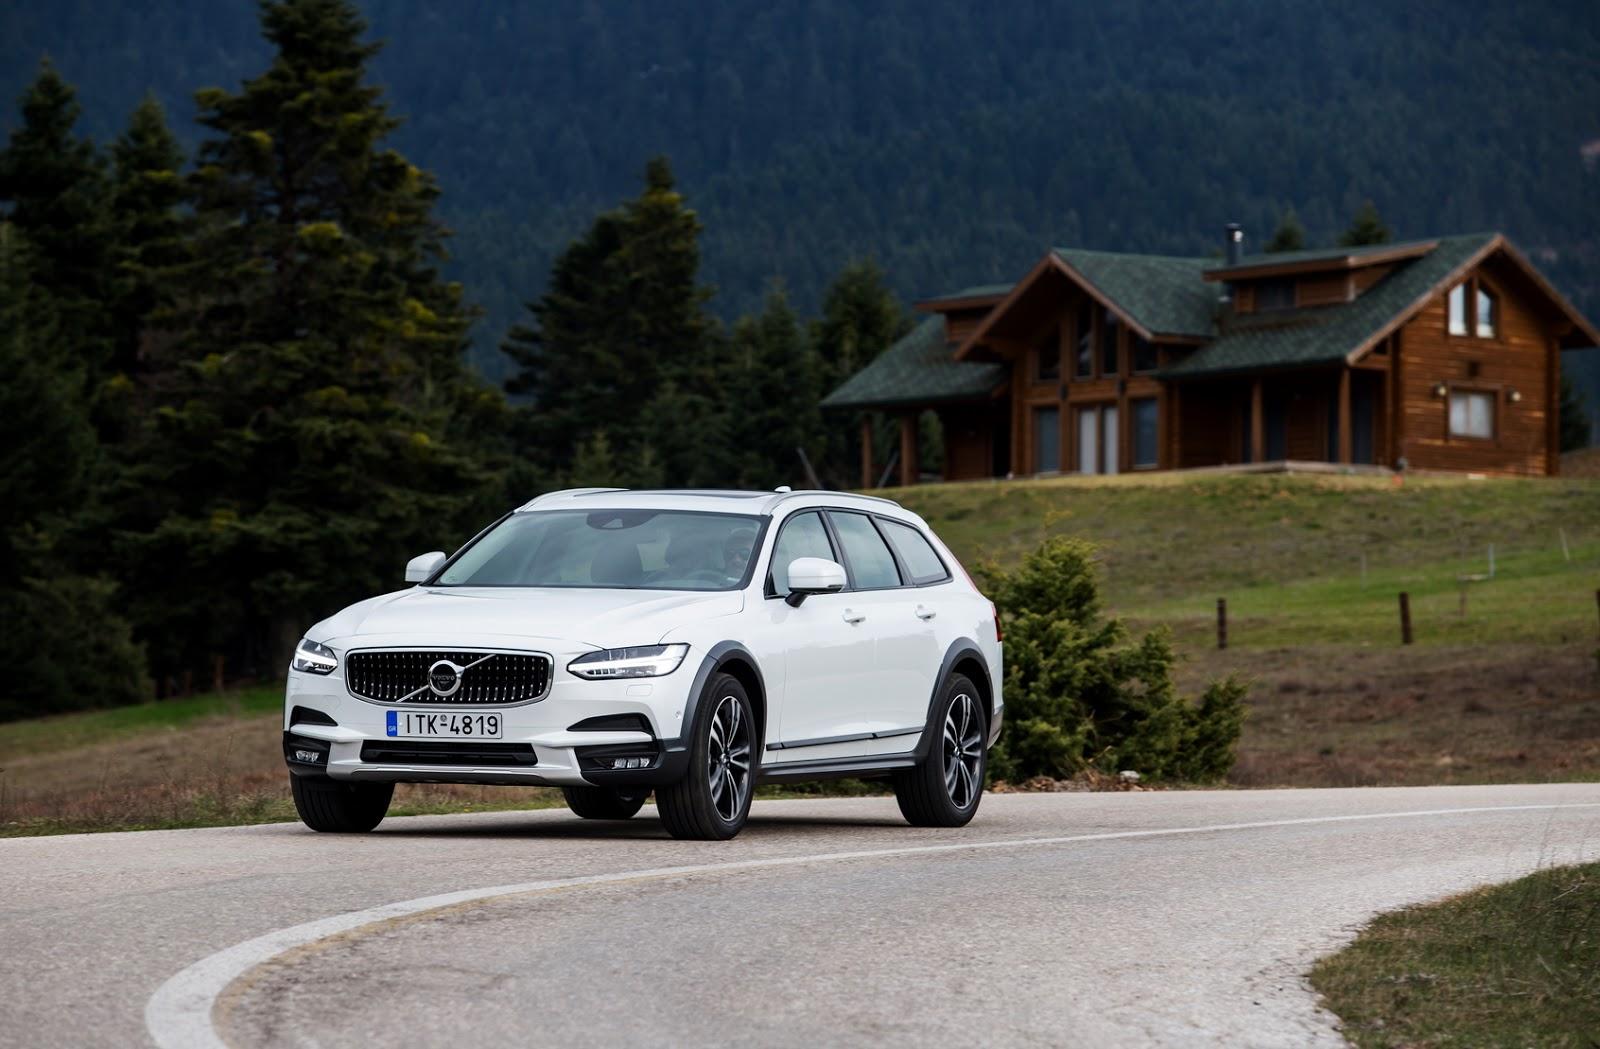 V902BCROSS2BCOUNTRY2B24 Το Volvo V90 Cross Country απευθύνεται σε ανήσυχους εξερευνητές της περιπέτειας! Crossover, Volvo, Volvo Car Hellas, Volvo Cars, Volvo V70 XC, Volvo V90 Cross Country, Volvo XC70